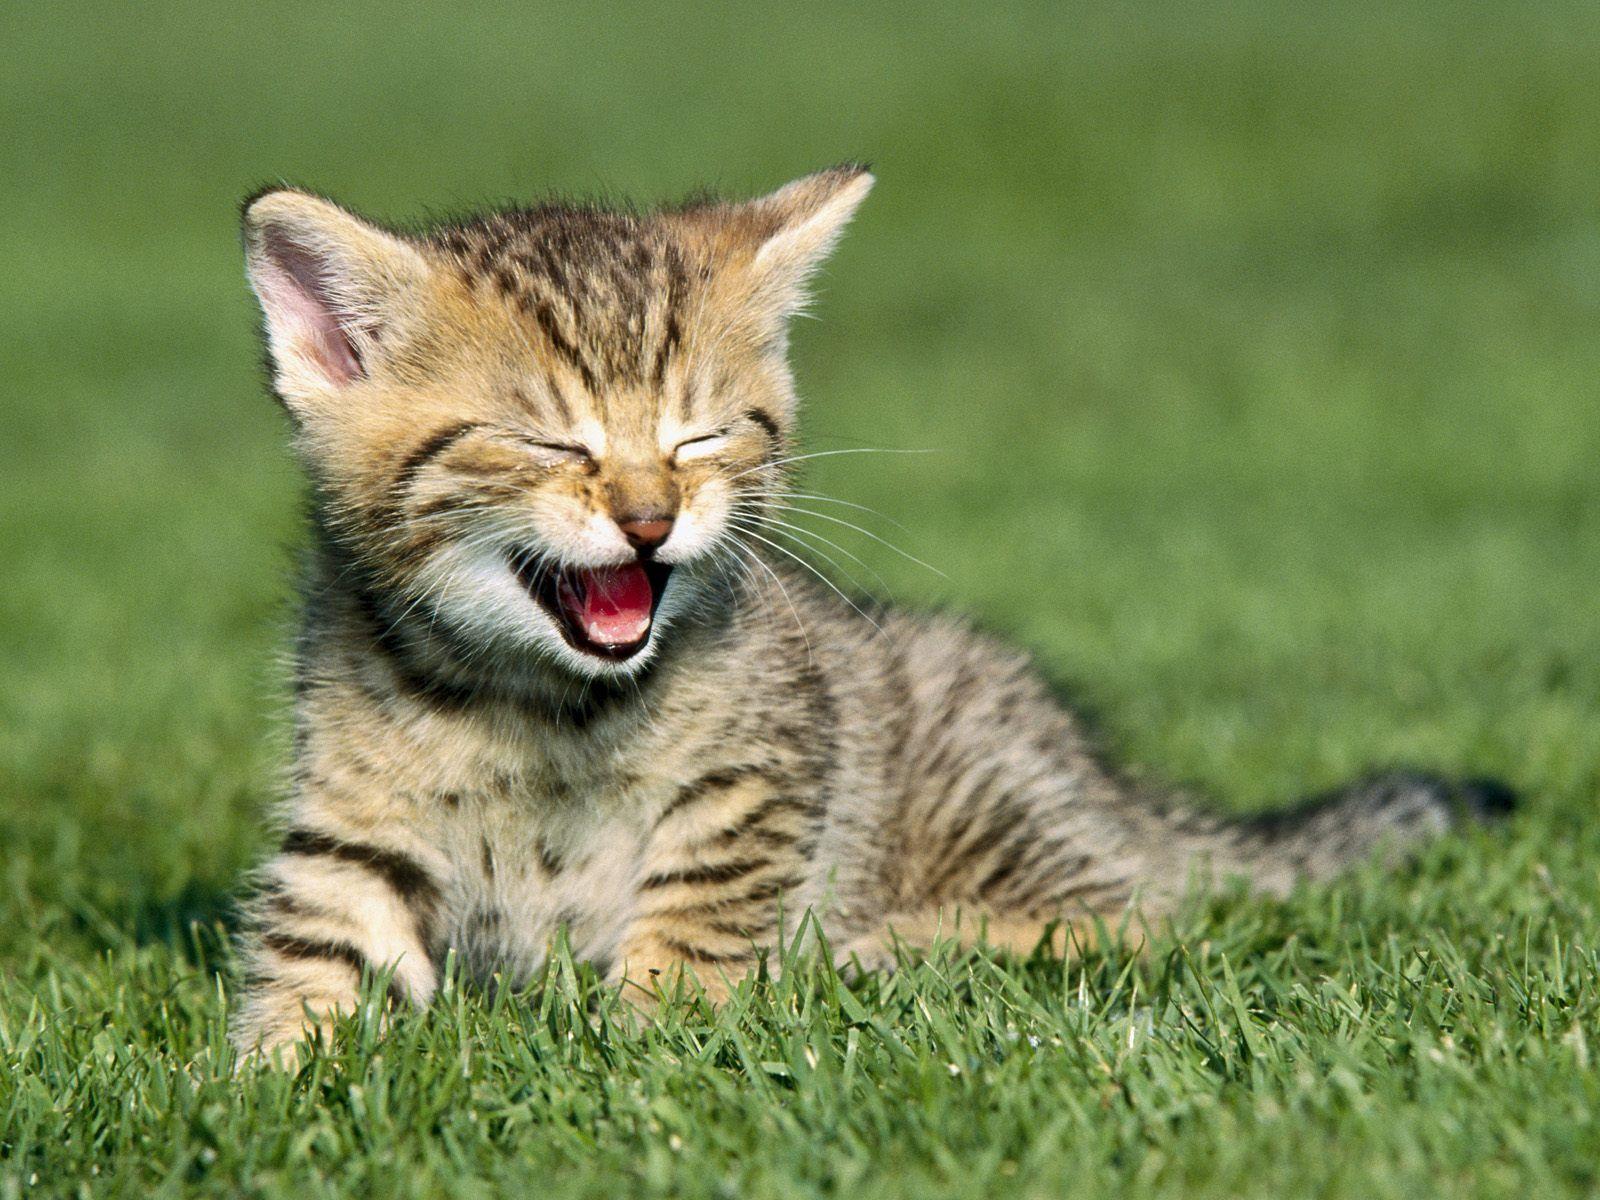 Tom le chat gratuit pour tablette